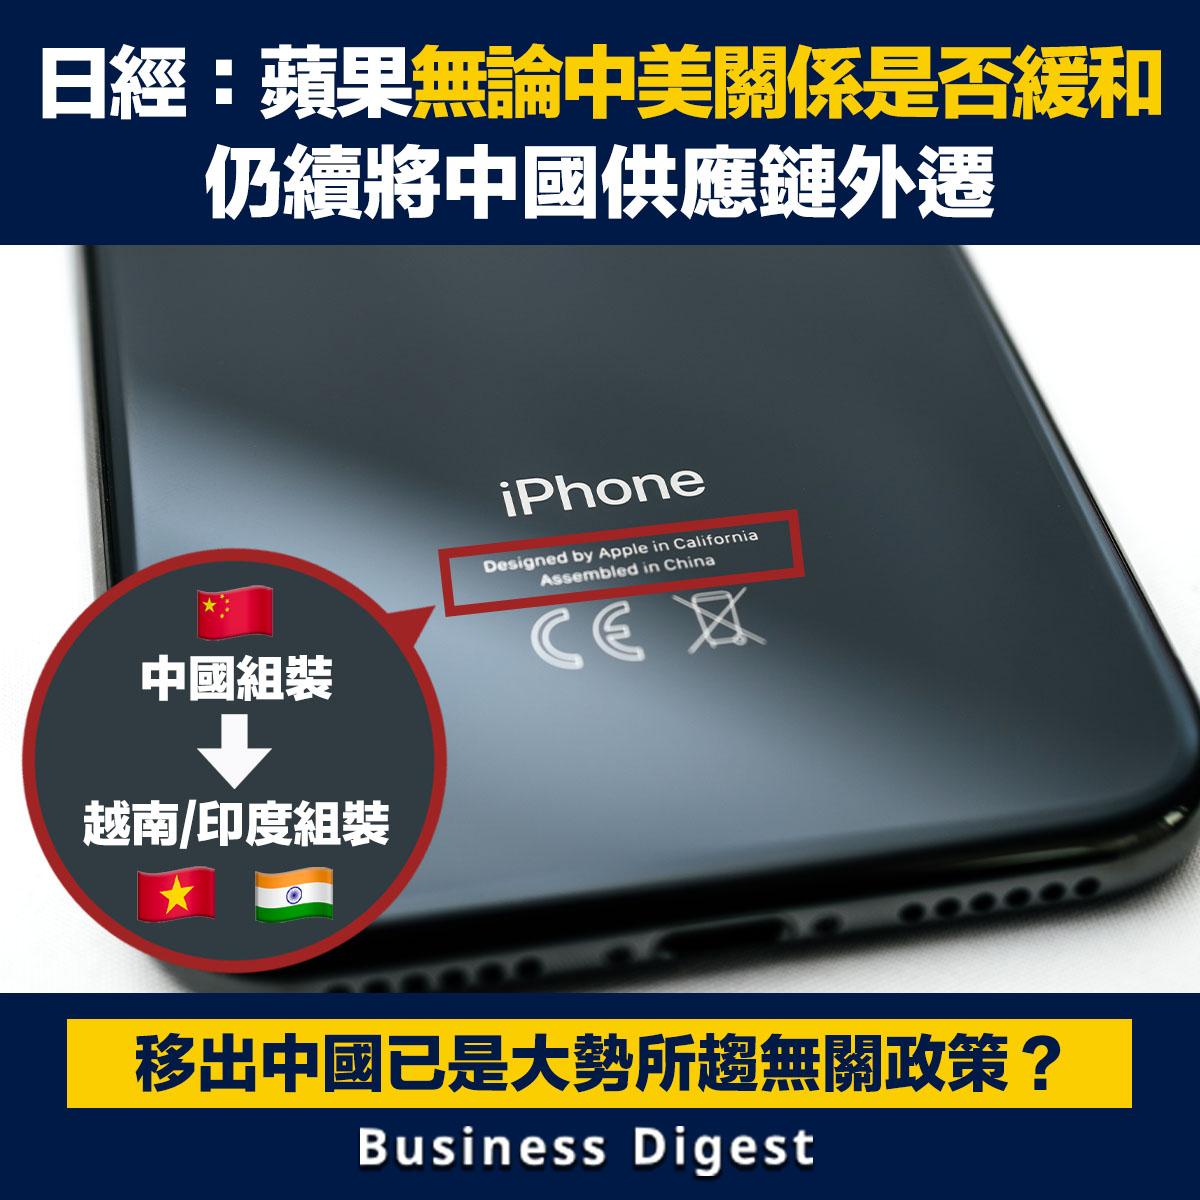 日經:蘋果無論中美關係是否緩和,仍續將中國供應鏈外遷